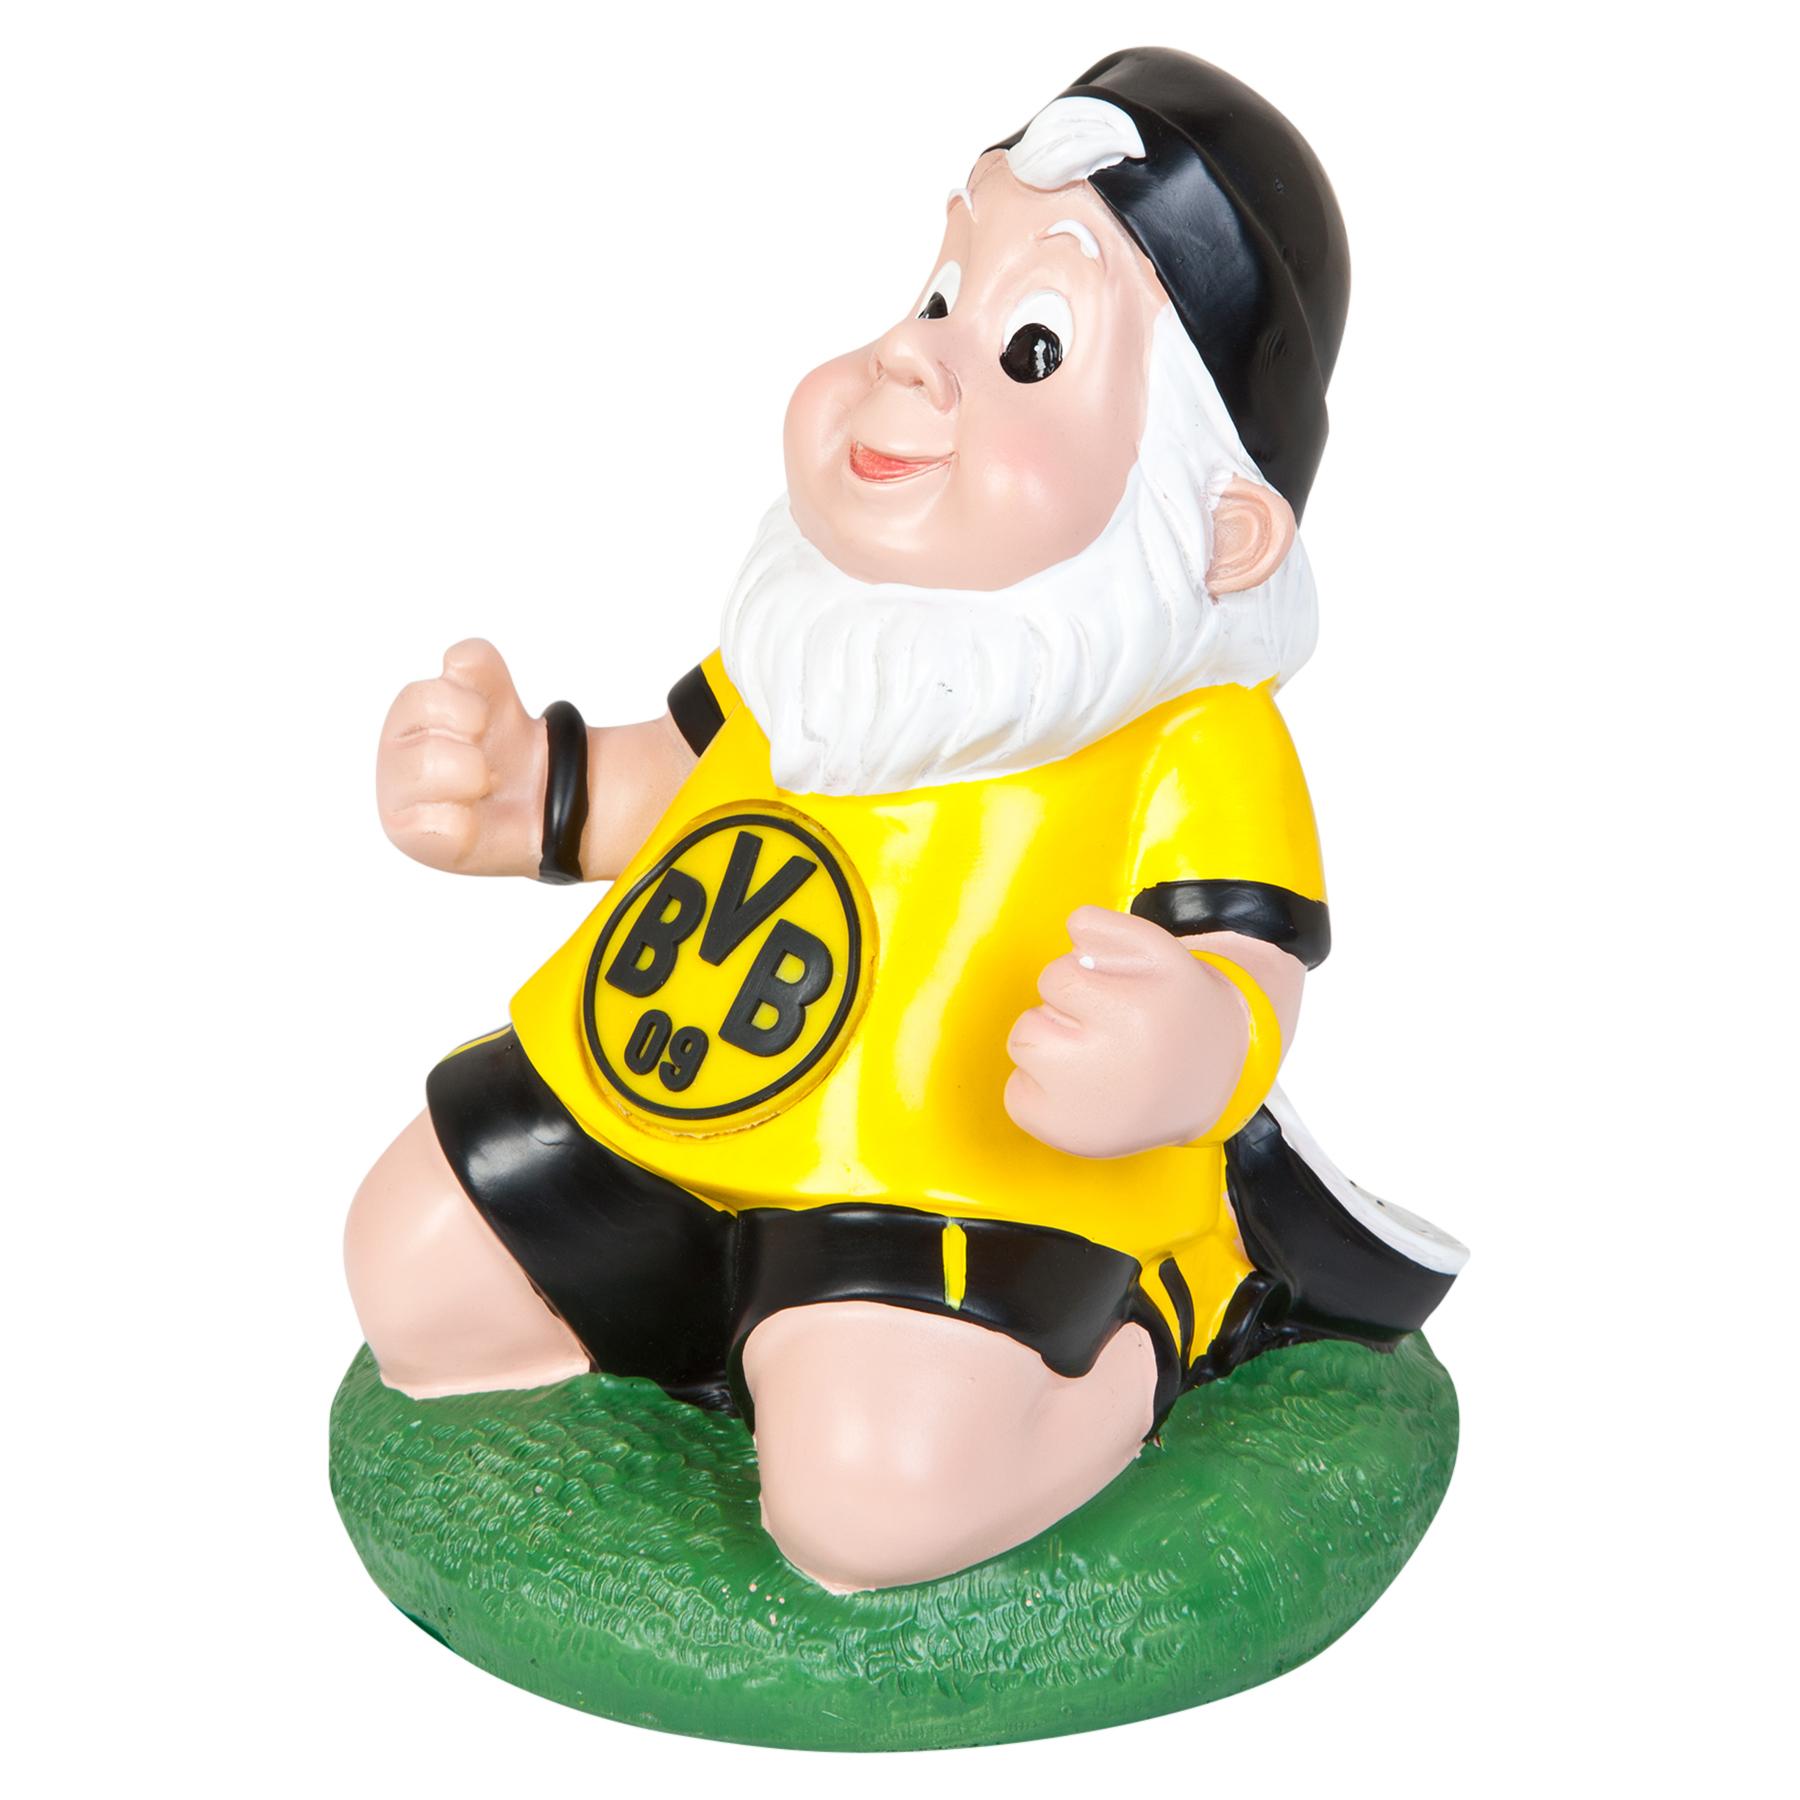 Image of BVB Mini Gnome